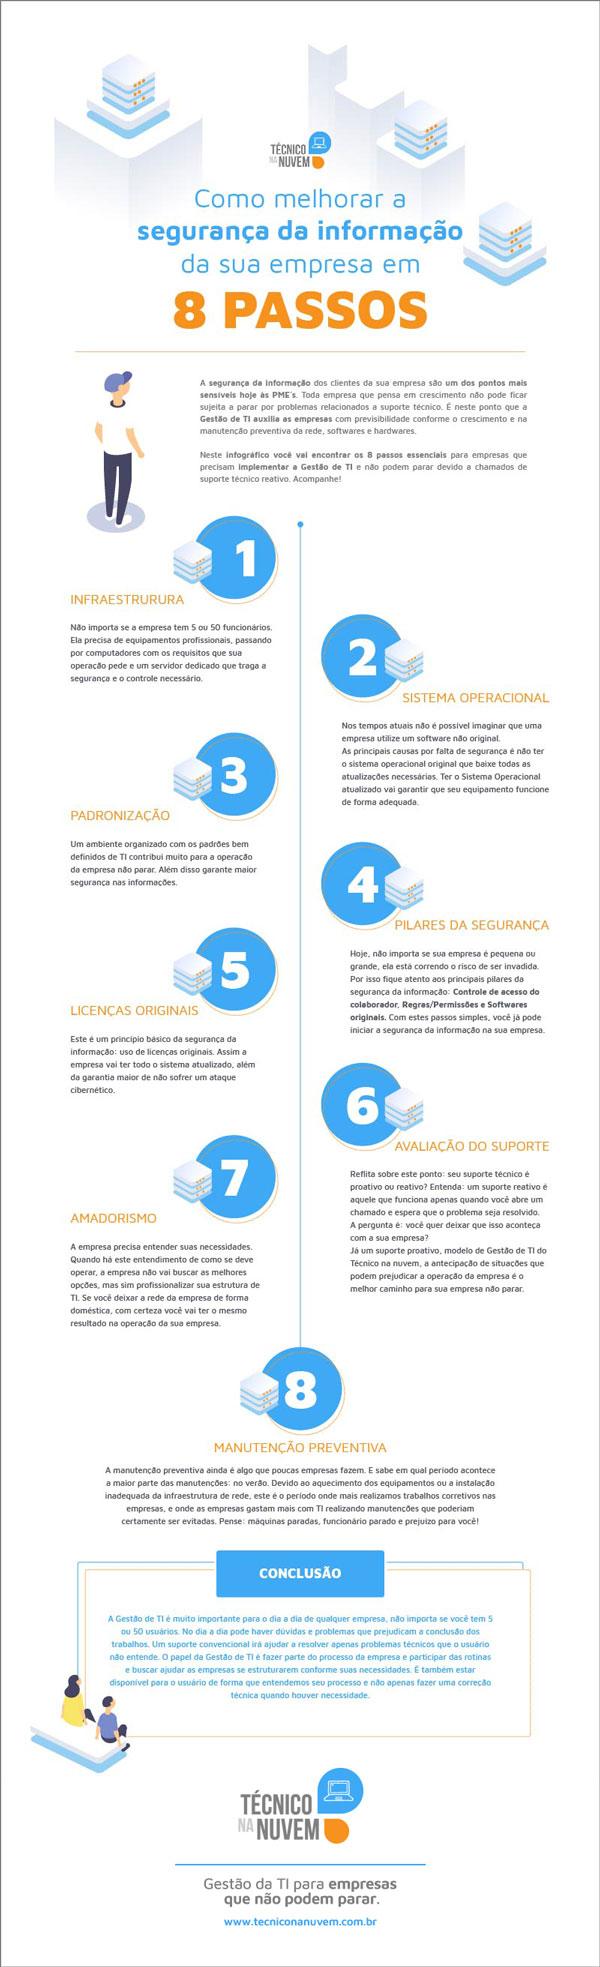 8 passos para melhorar a segurança da informação da sua empresa - Técnico na nuvem